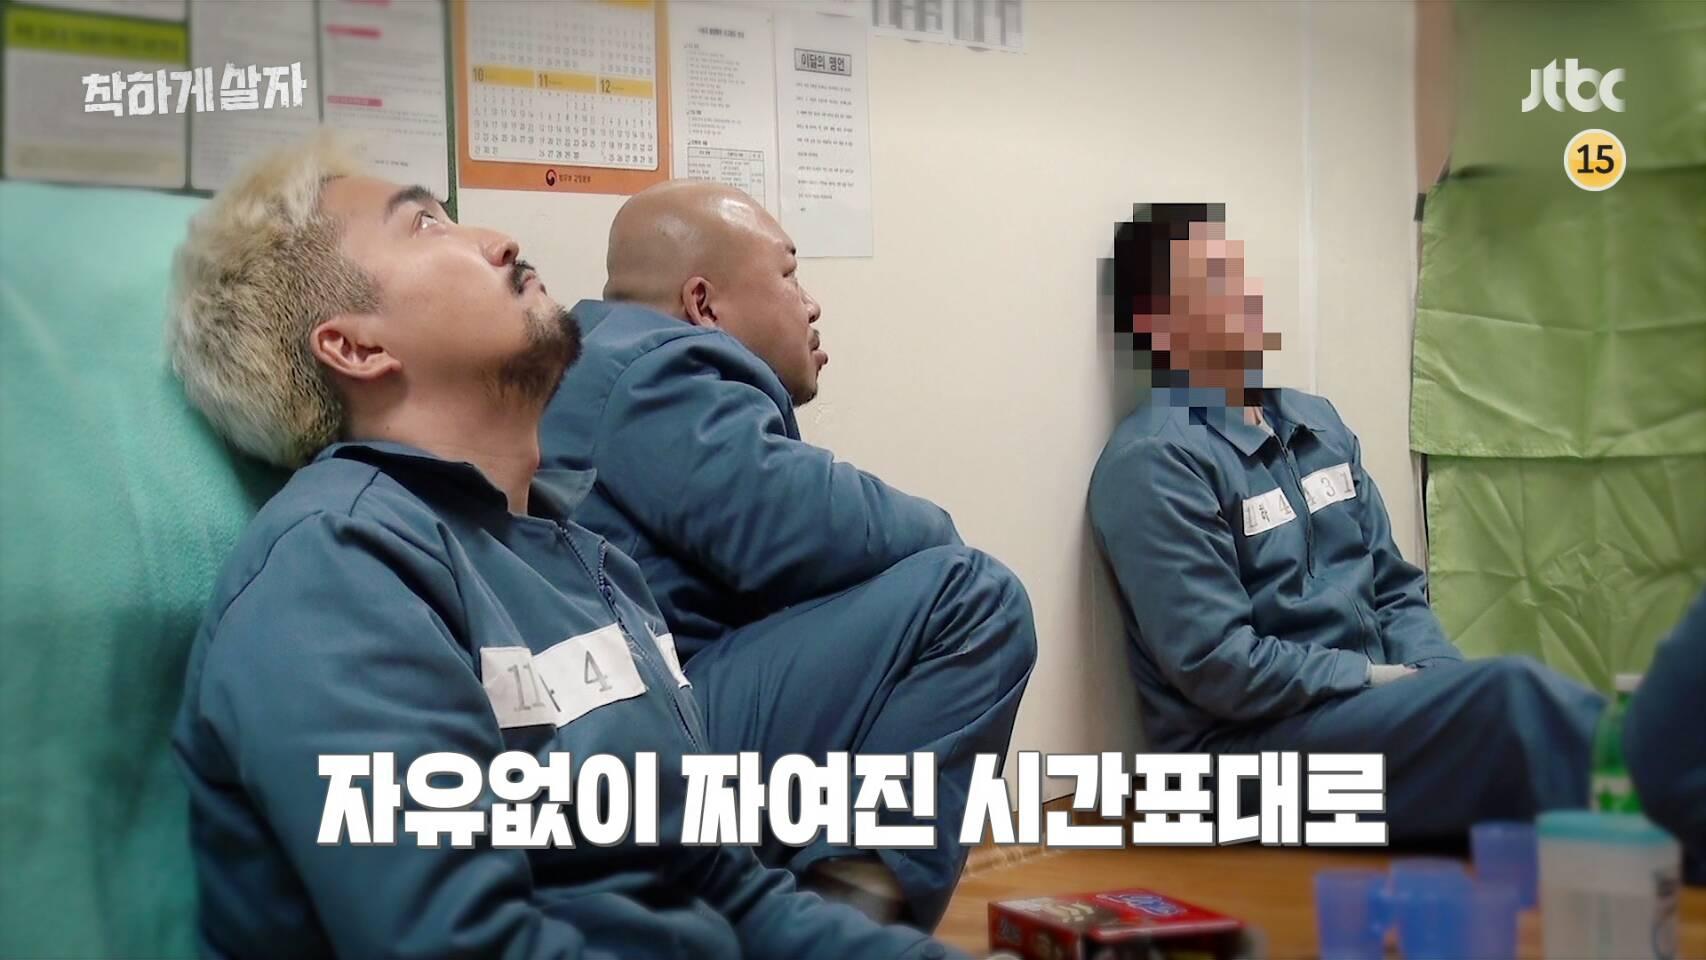 <착하게 살자> 김보성-김종민-유병재-김진우-권현빈 등 출연··· 19일 첫 방송!